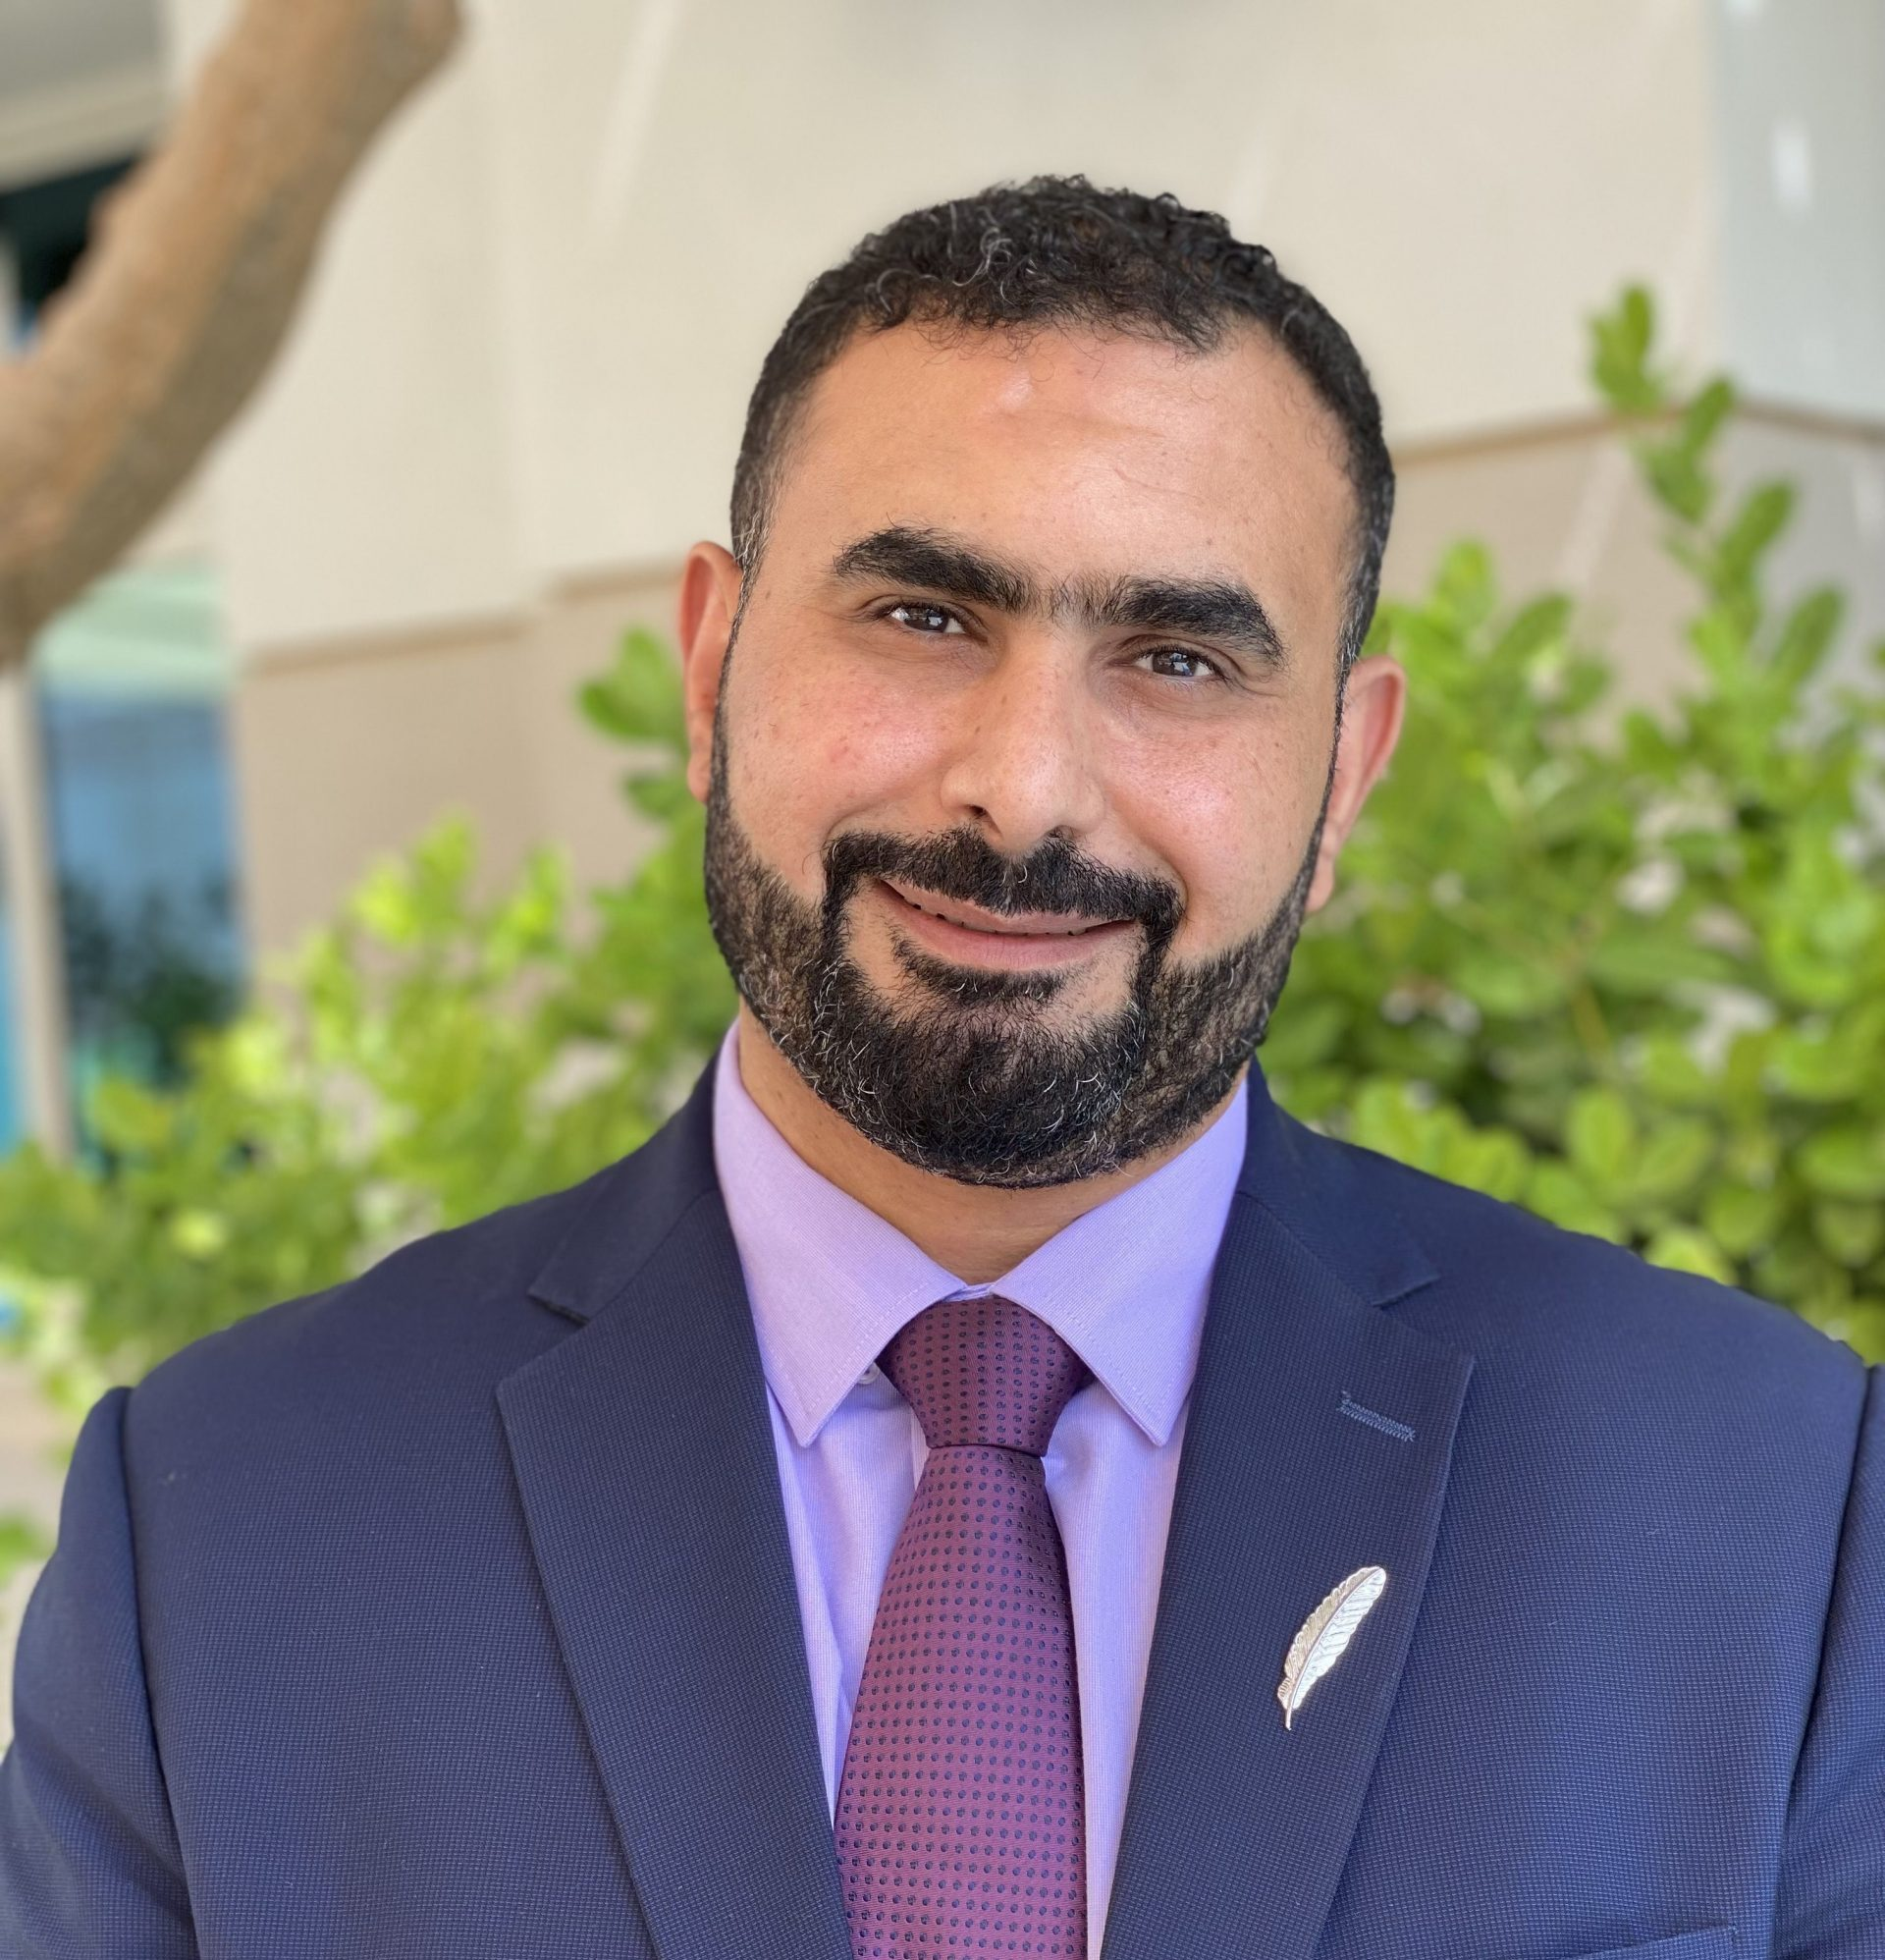 Mohamed<br>El Sakka